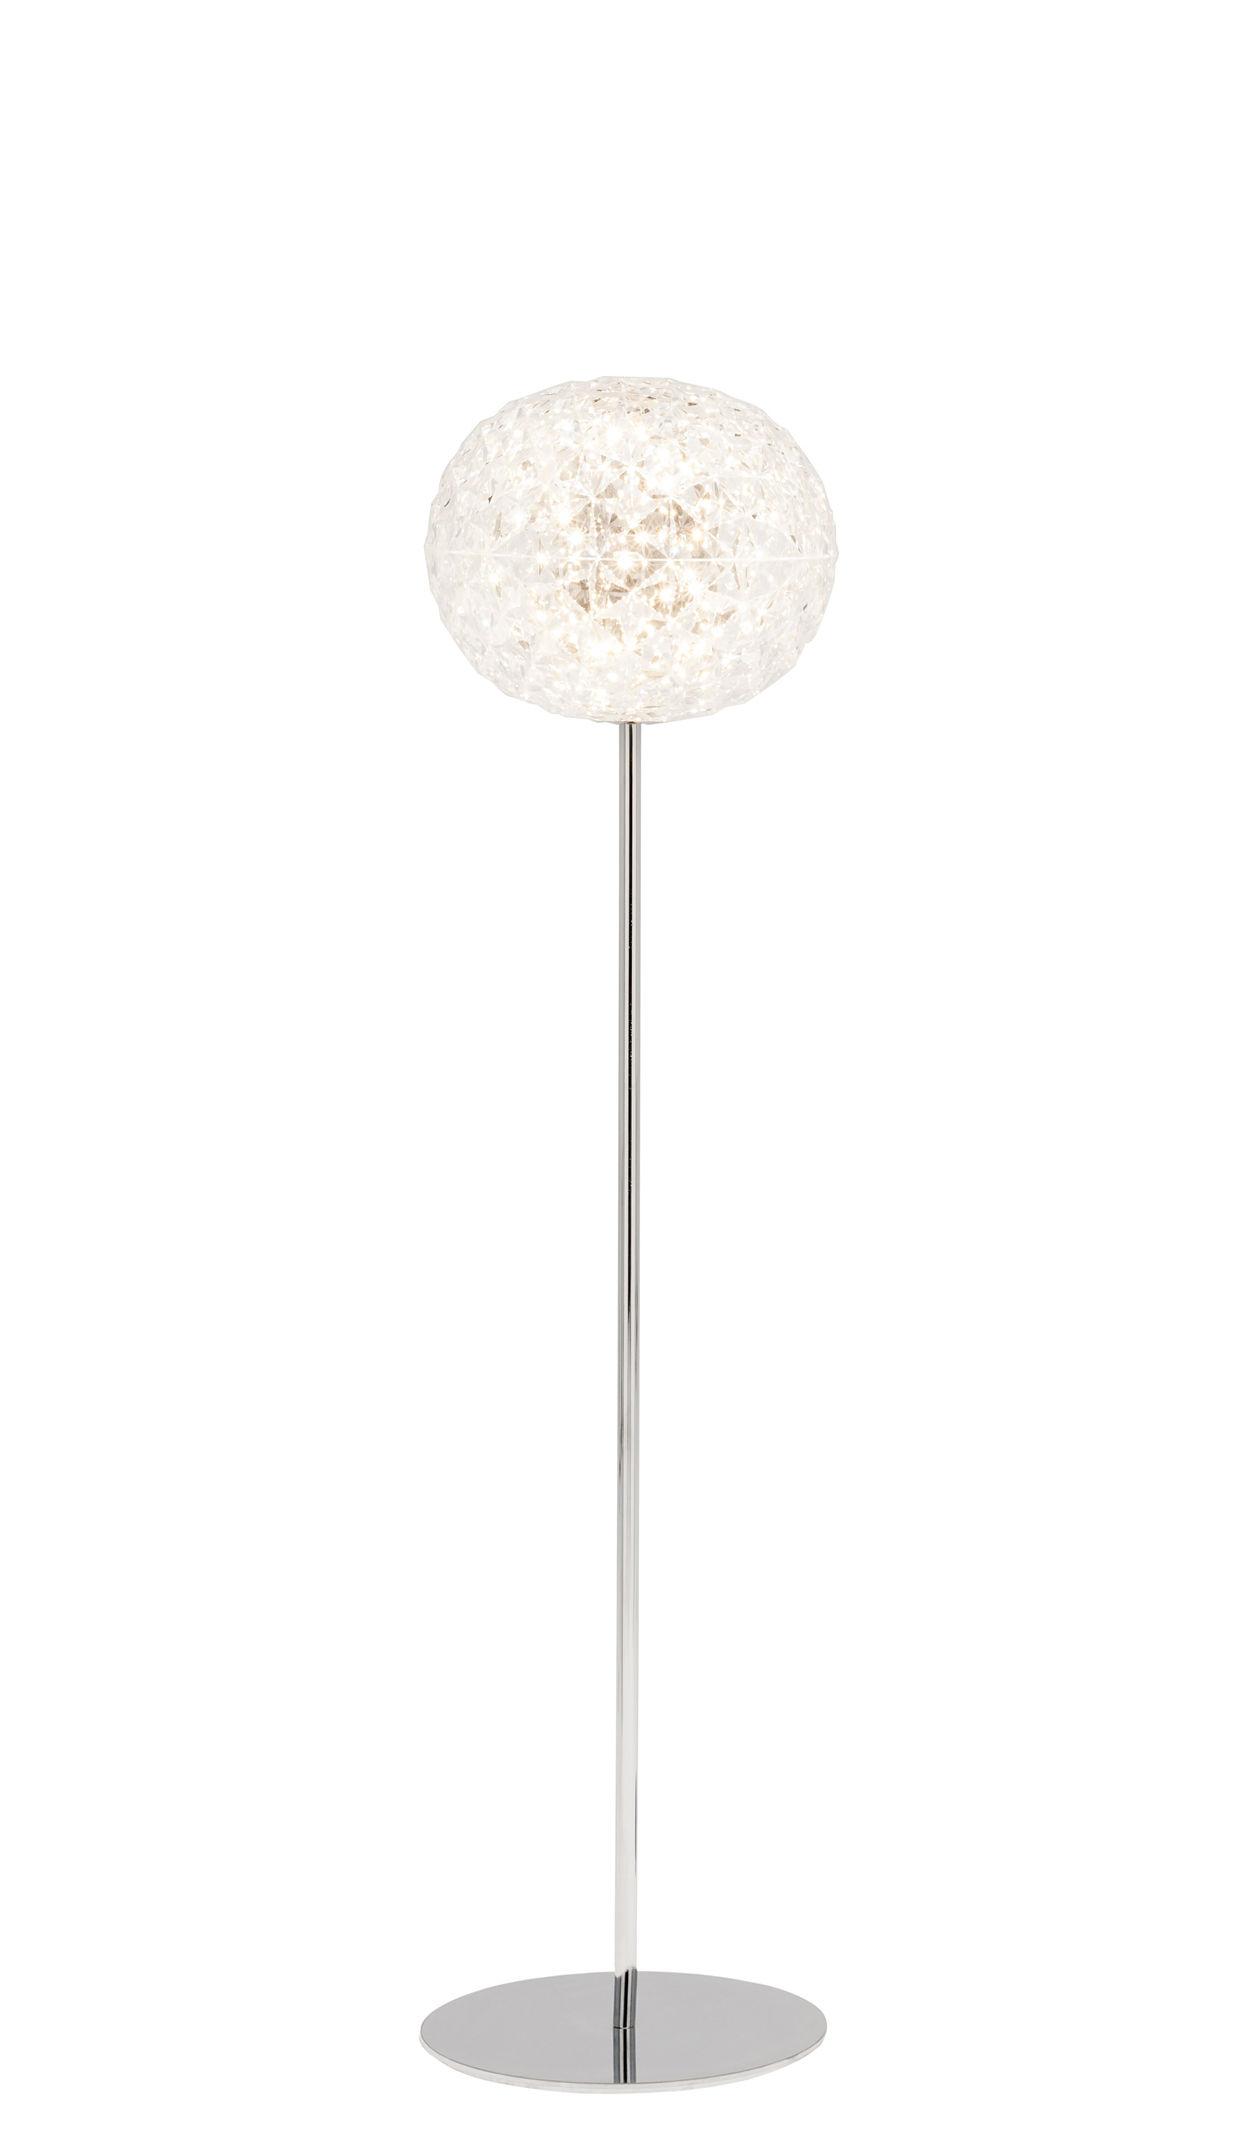 Leuchten - Stehleuchten - Planet Stehleuchte / LED - H 130 cm - Kartell - Transparent (farblos) / Fuß silberfarben - Aluminium, Technopolymère thermoplastique